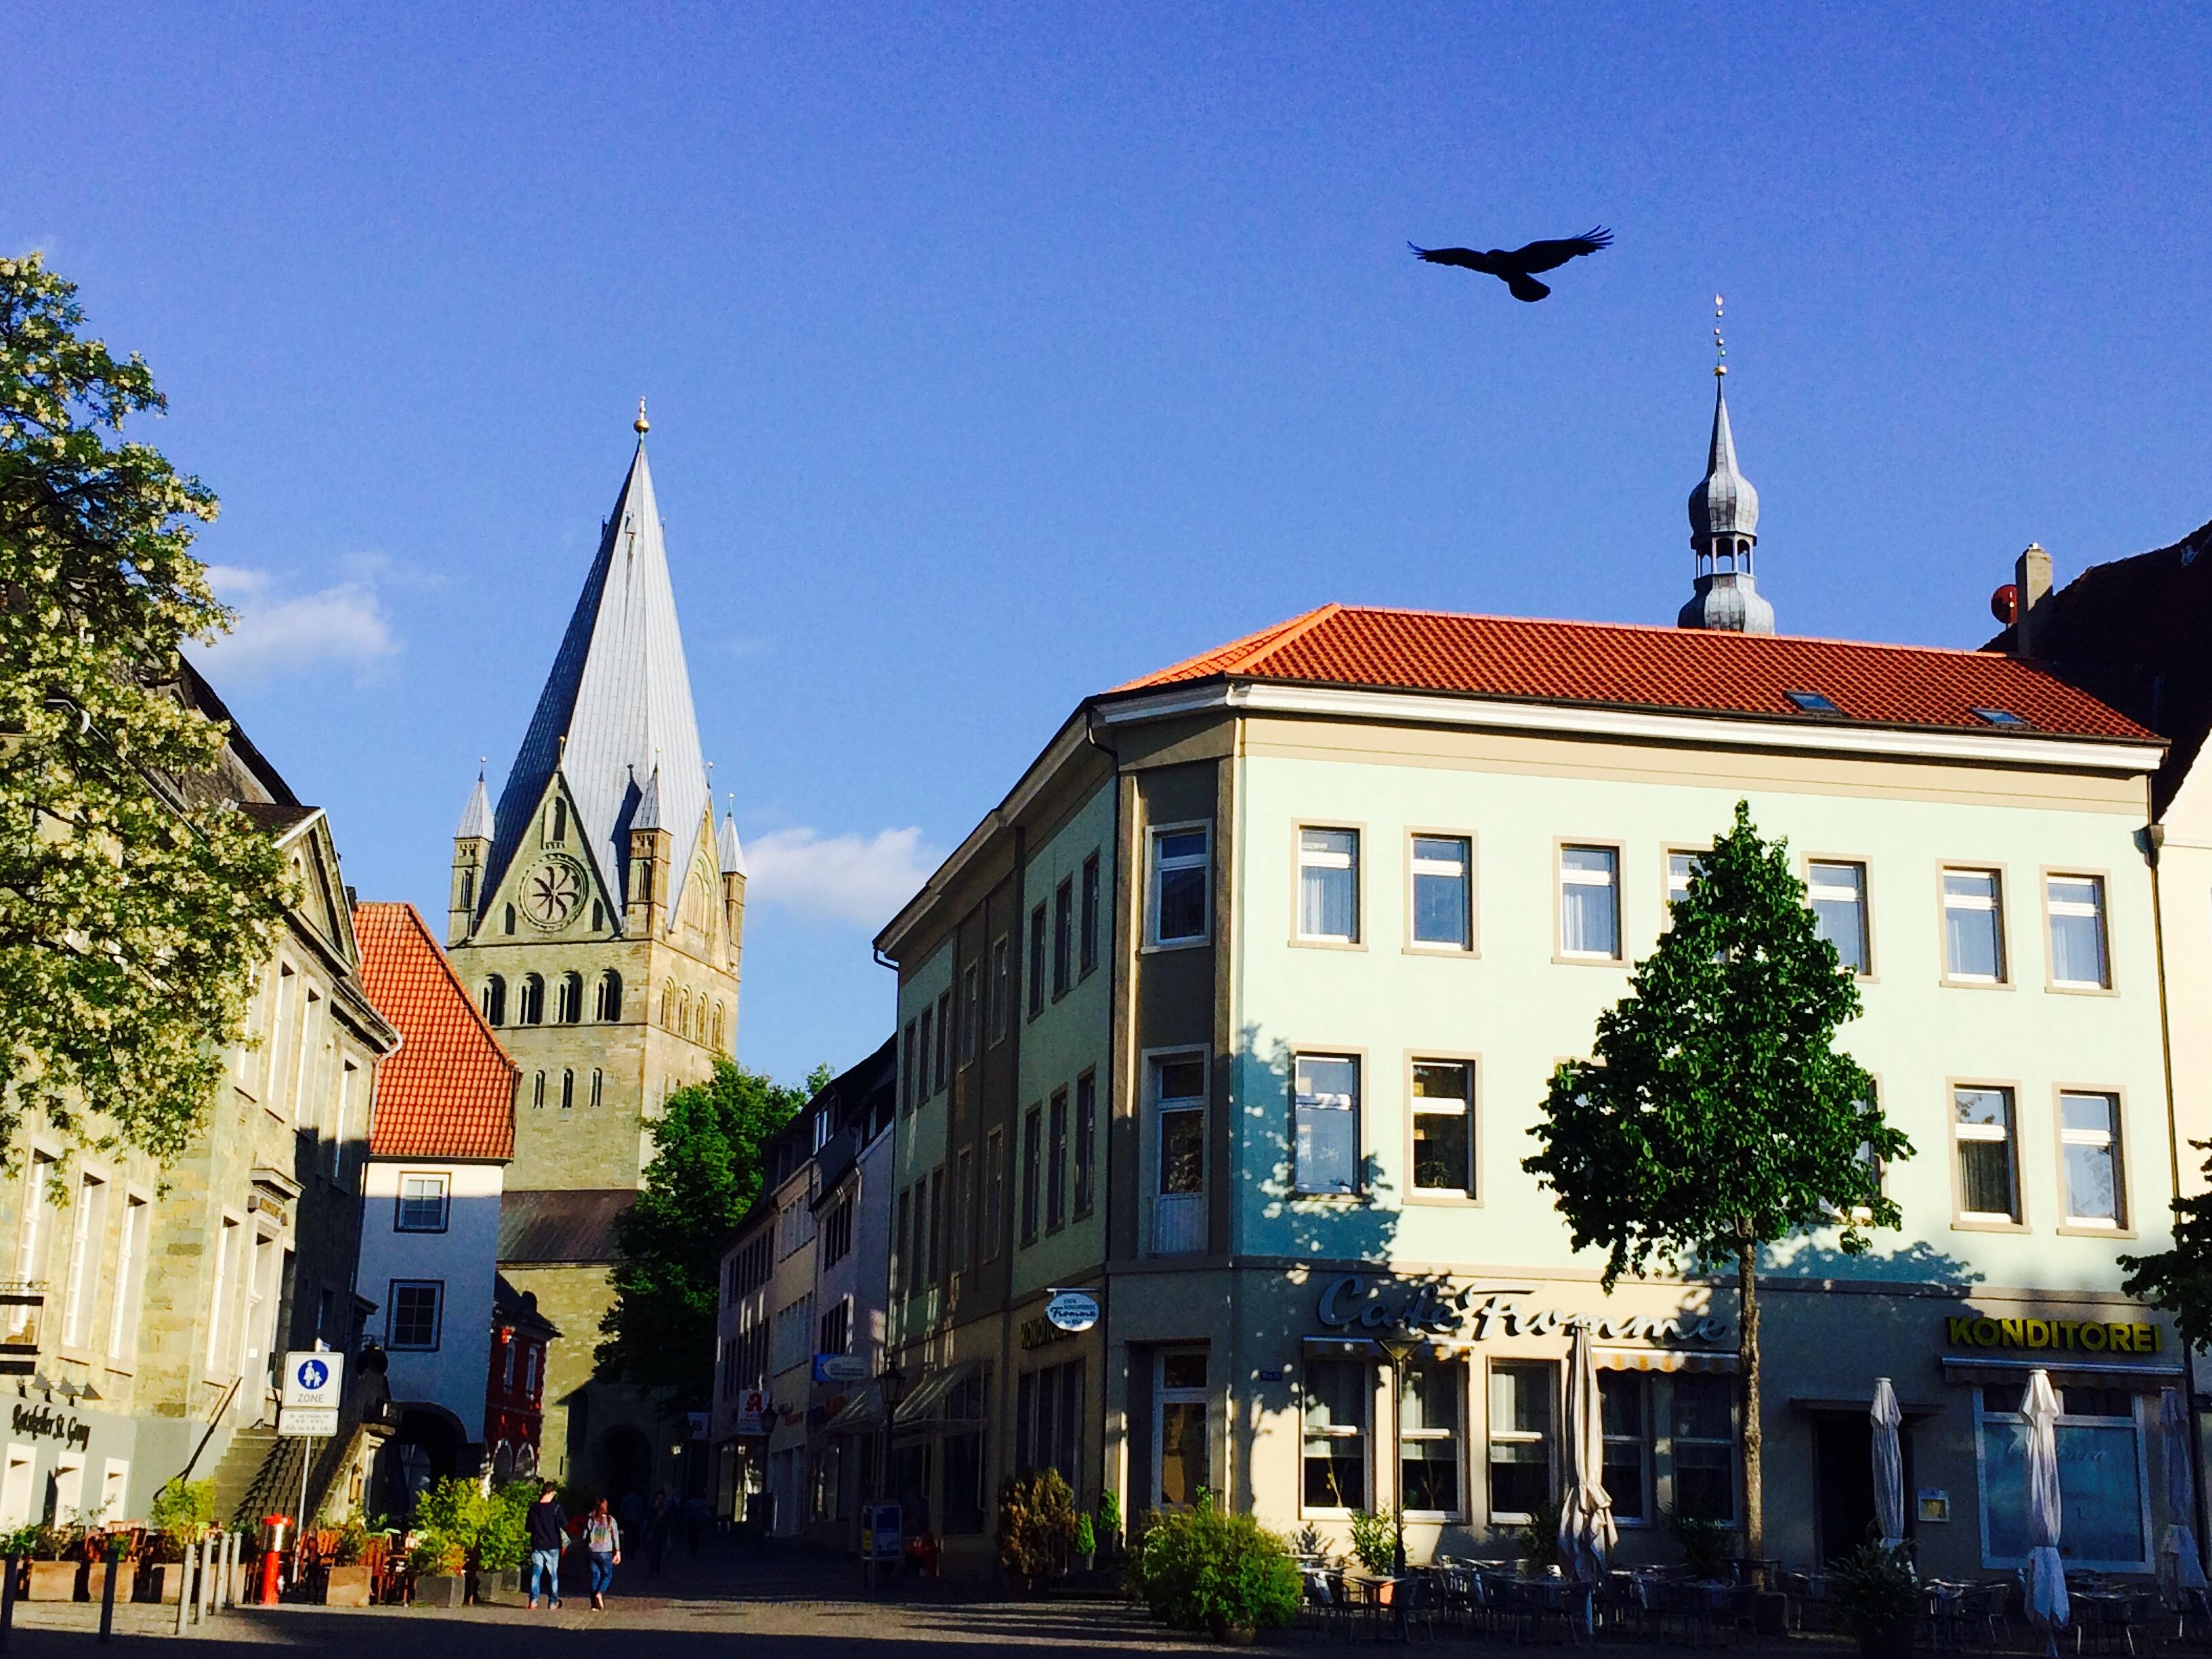 Soest Marktplatz mit Vogel